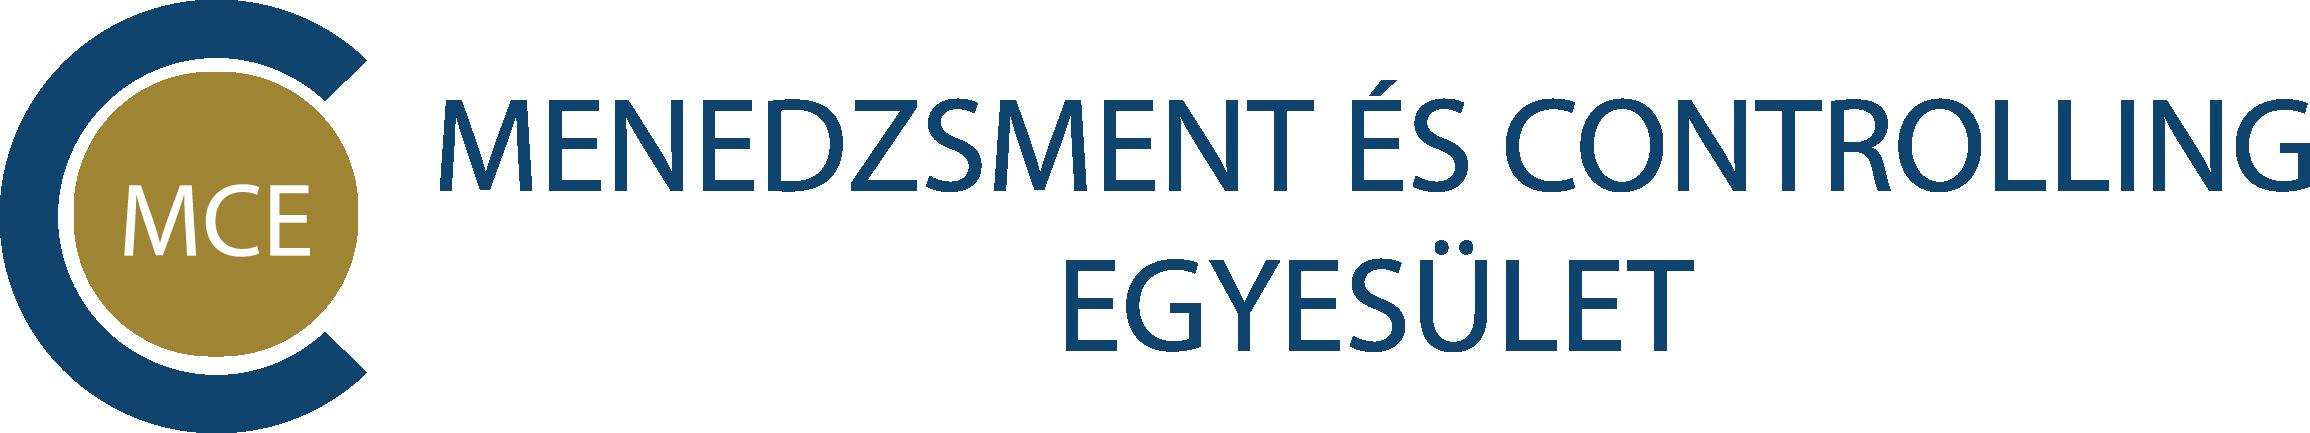 MCE Menedzsment és Controlling Egyesület